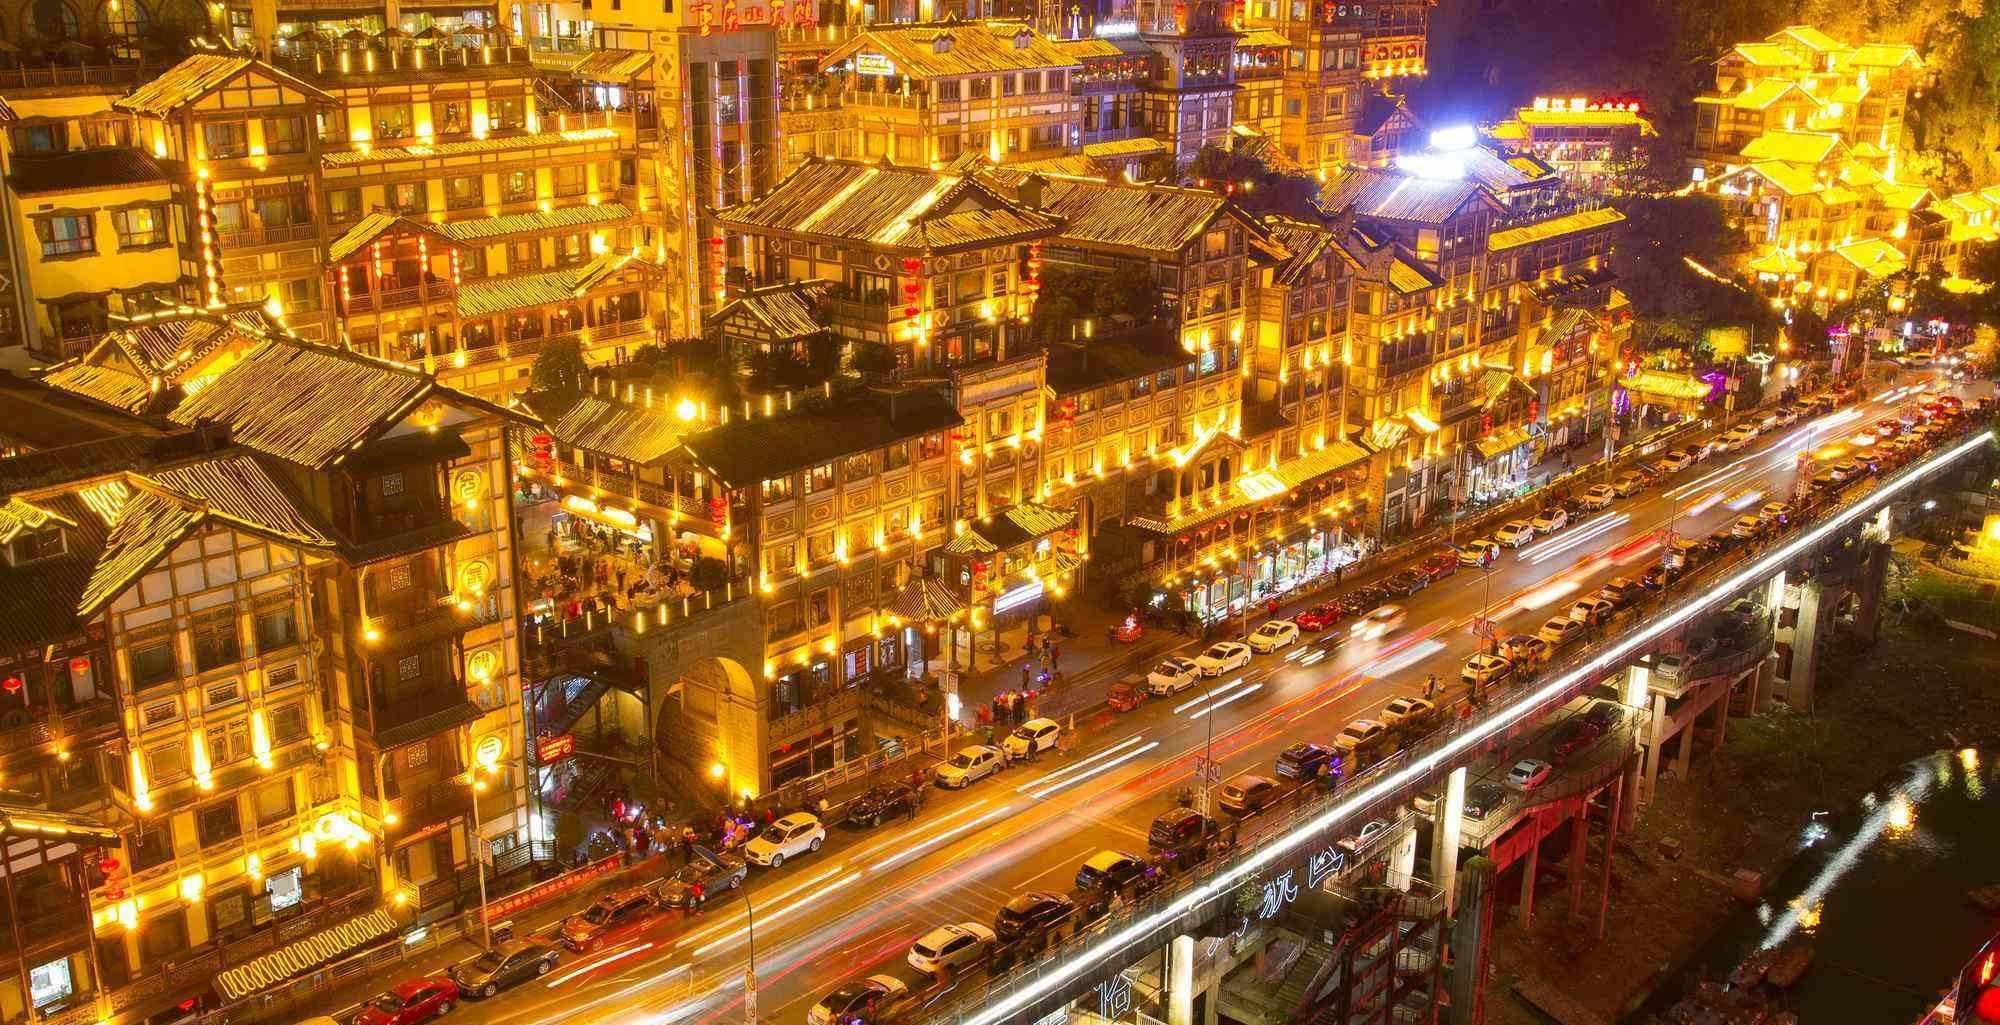 中国最适合穷游的3个城市,消费低美食多,很多景点门票0元